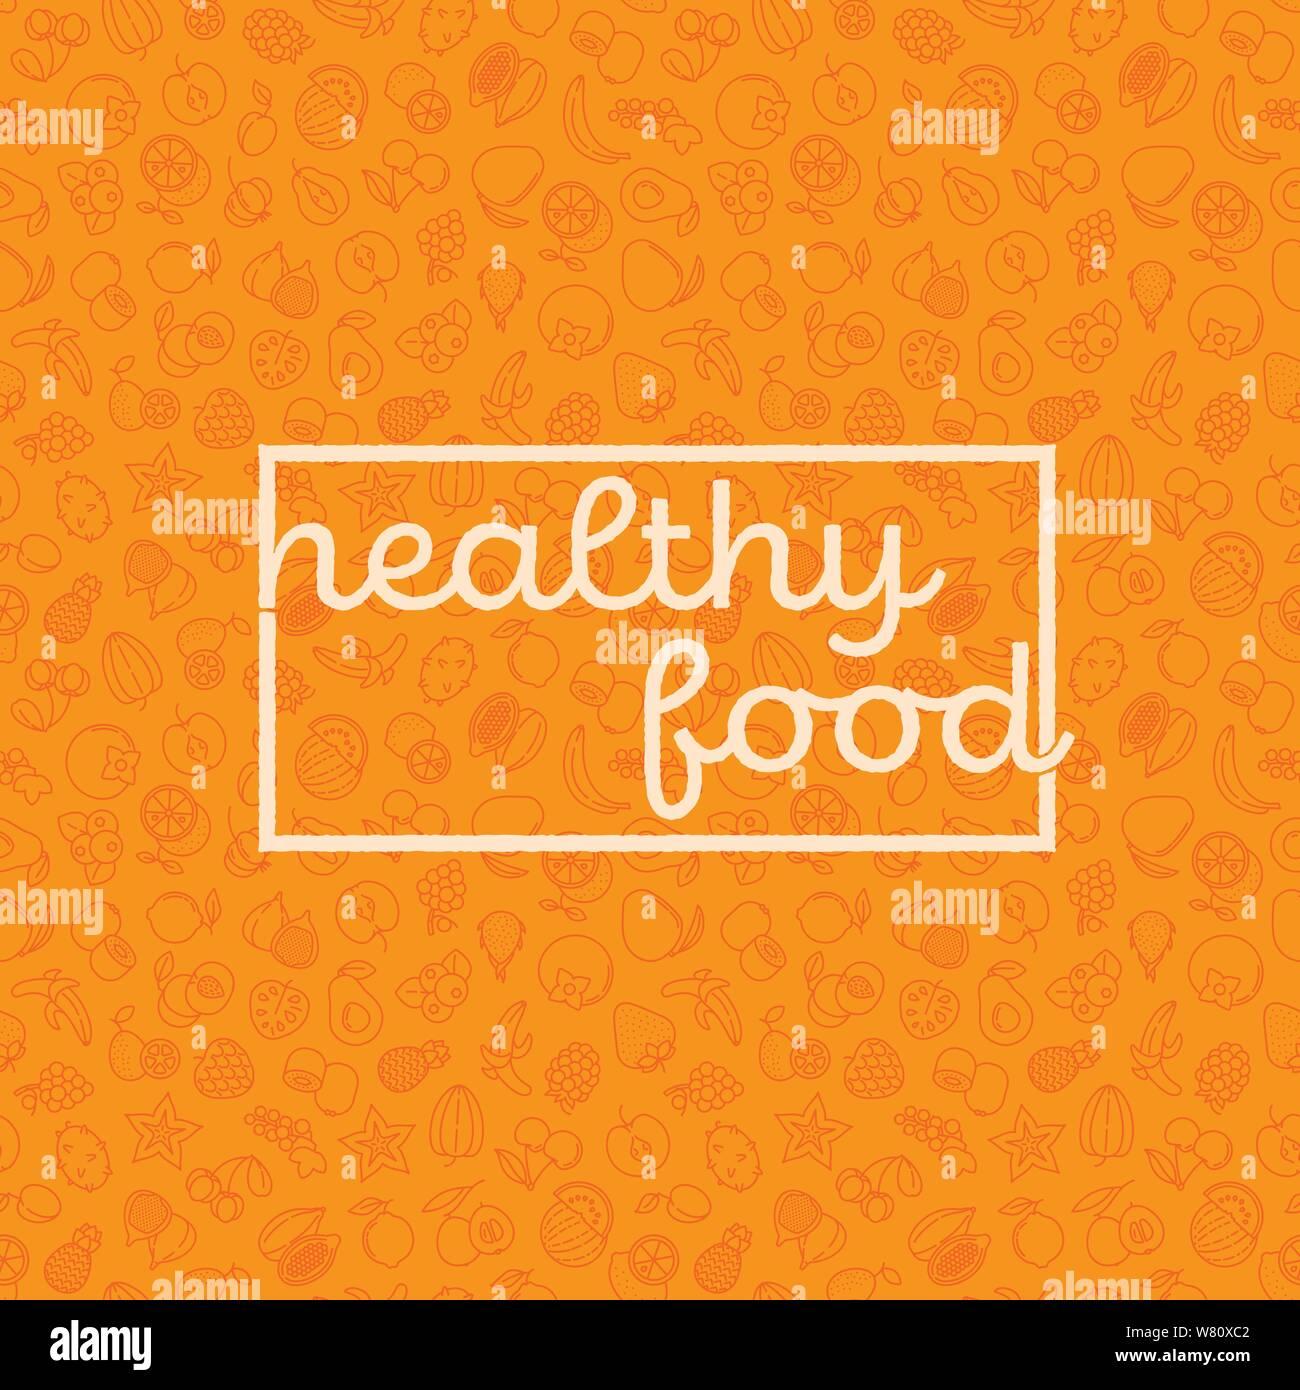 Cartel De Alimentación Saludable Imágenes De Stock Cartel